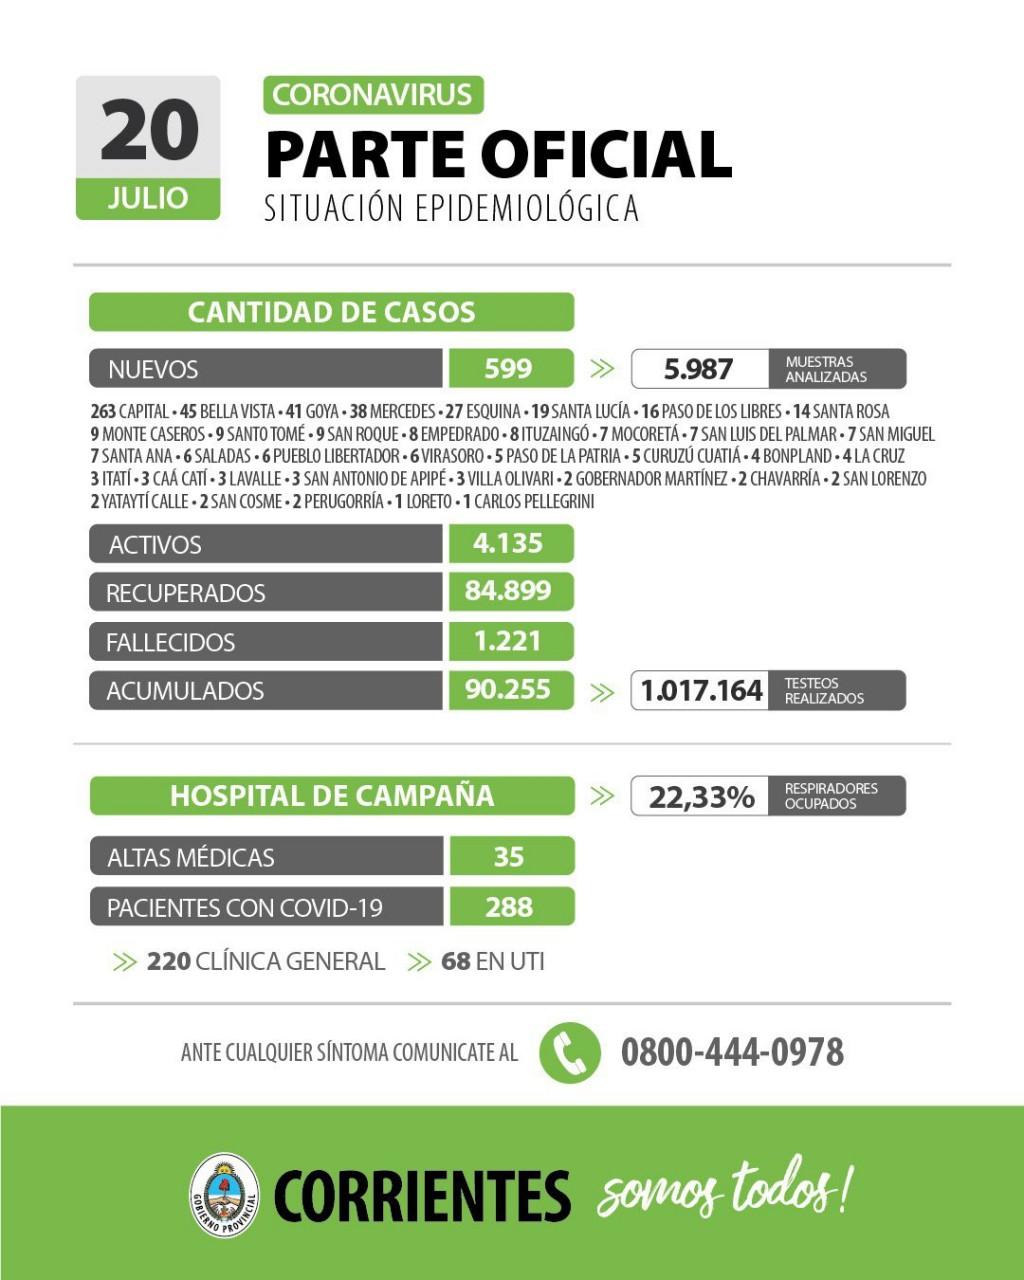 Informan de 599 nuevos casos de coronavirus en Corrientes